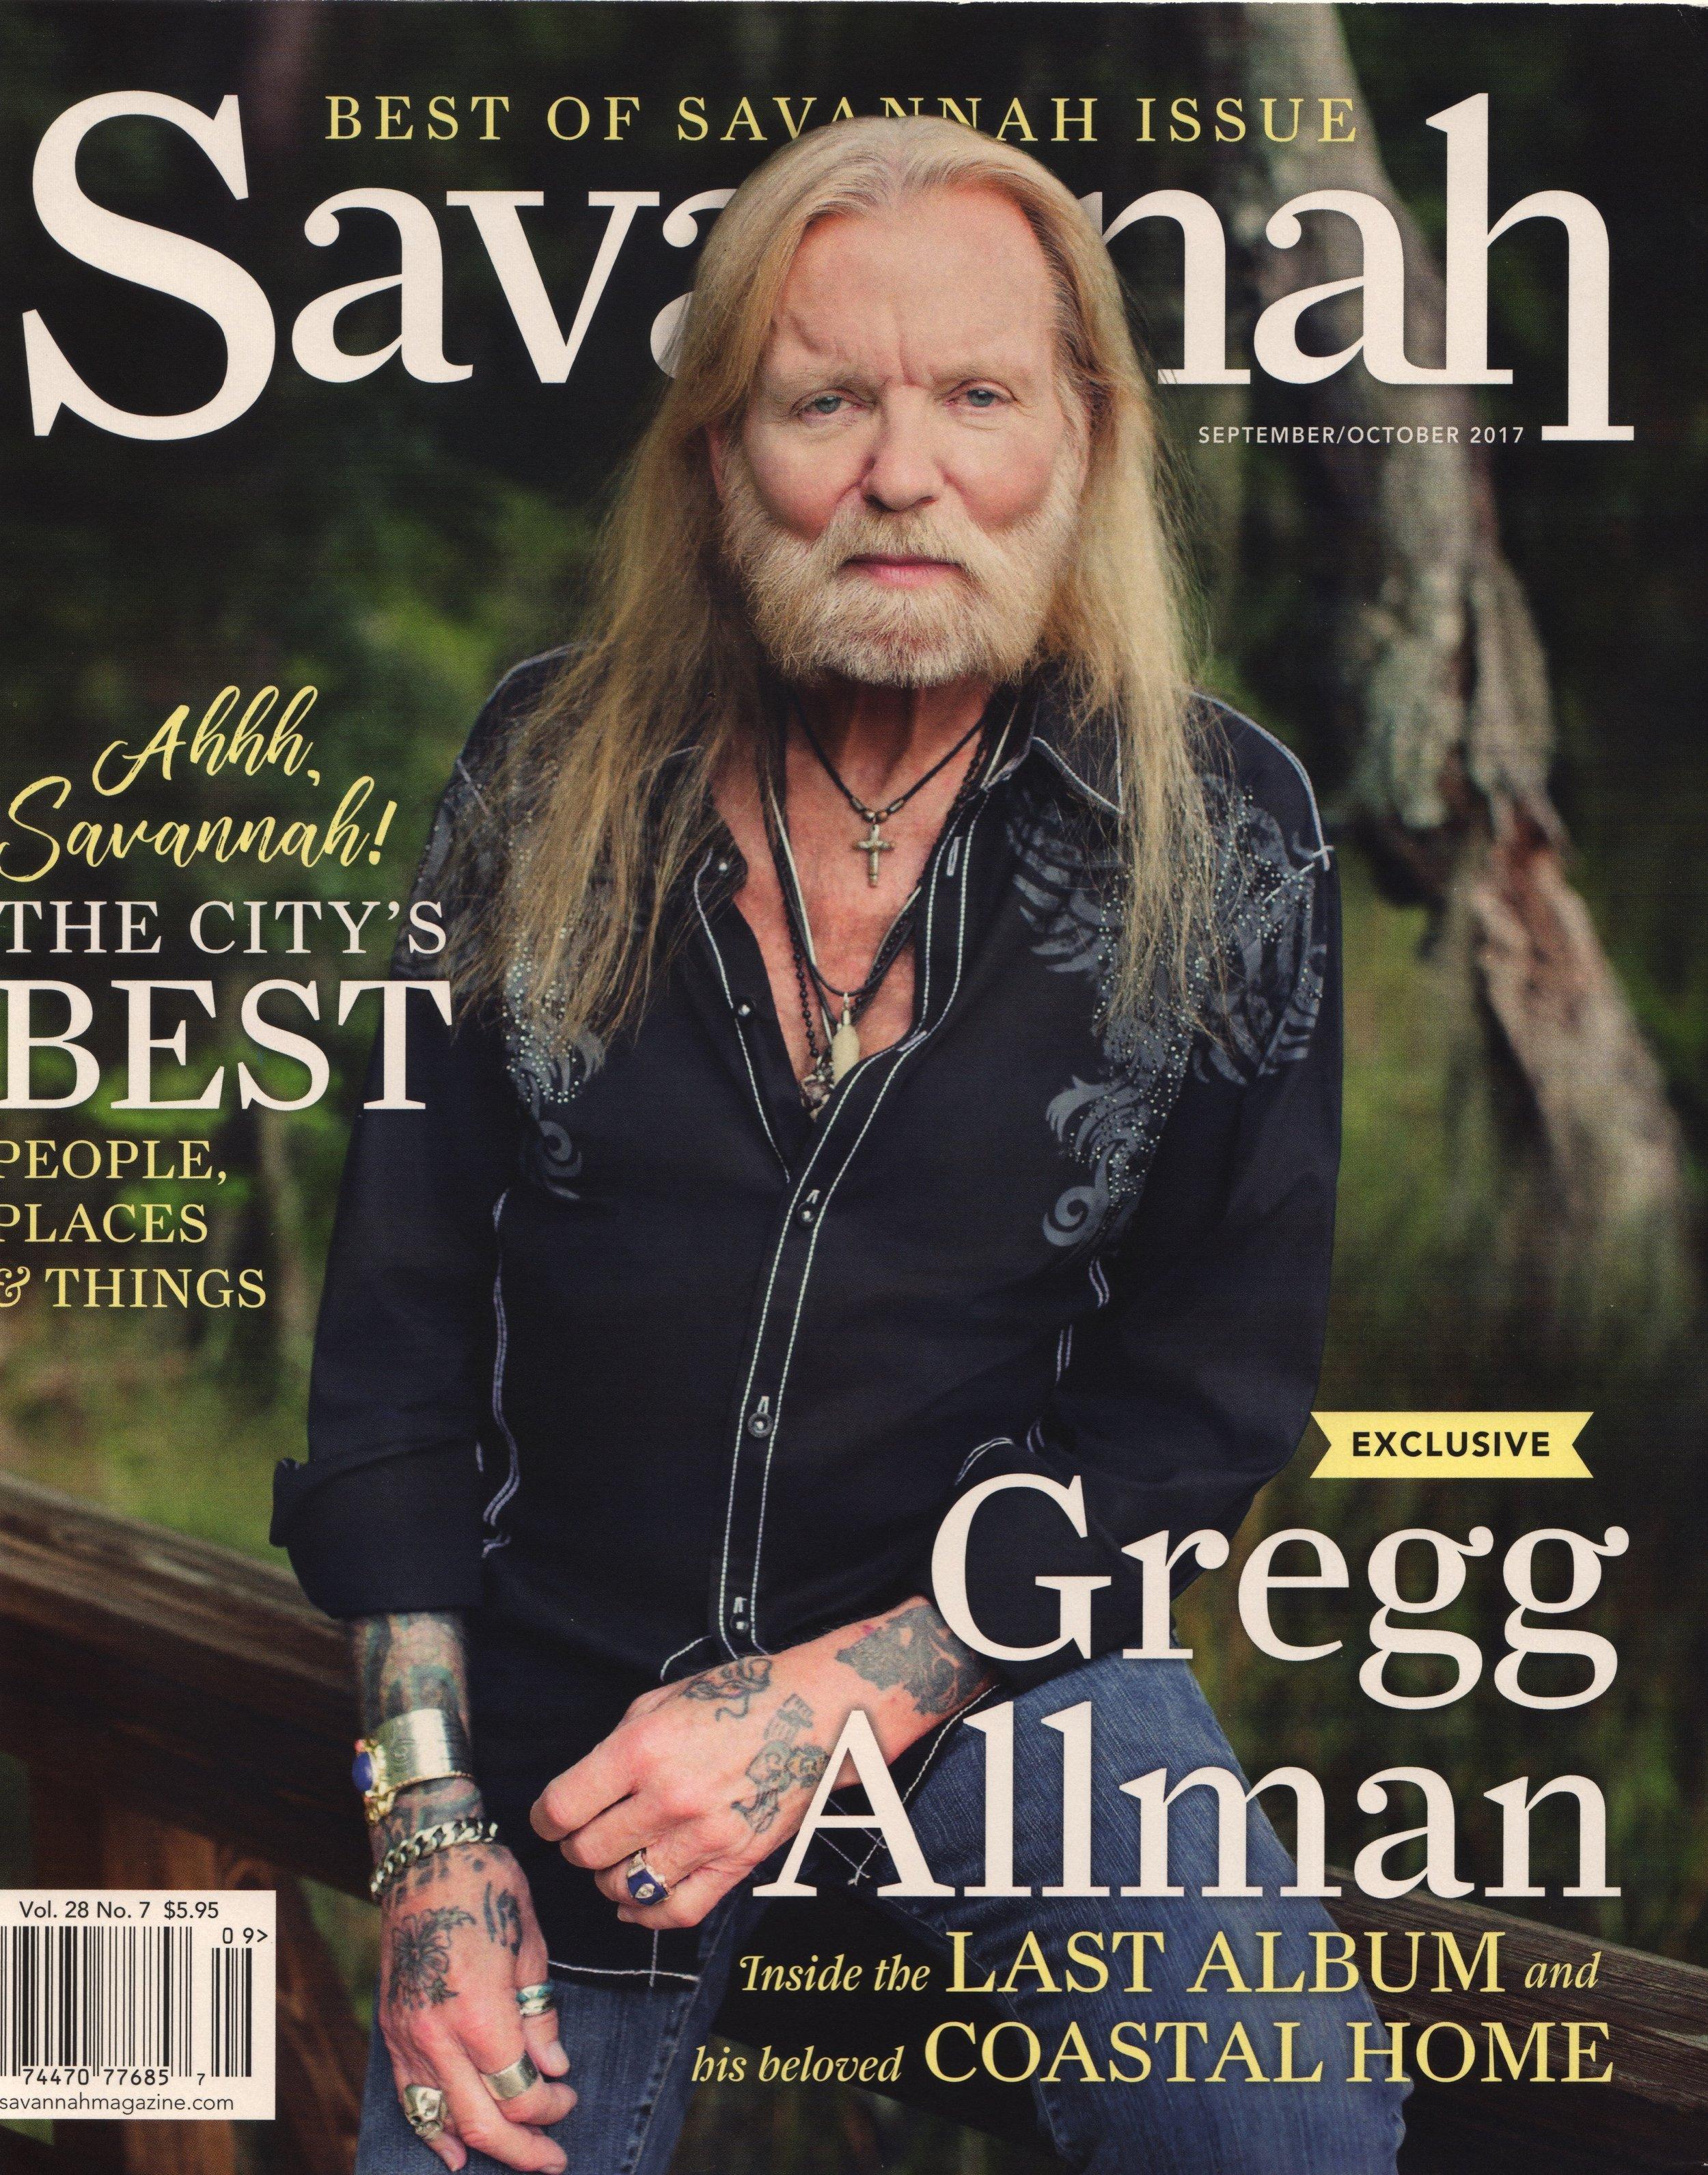 Savannah Magazine cover.jpeg